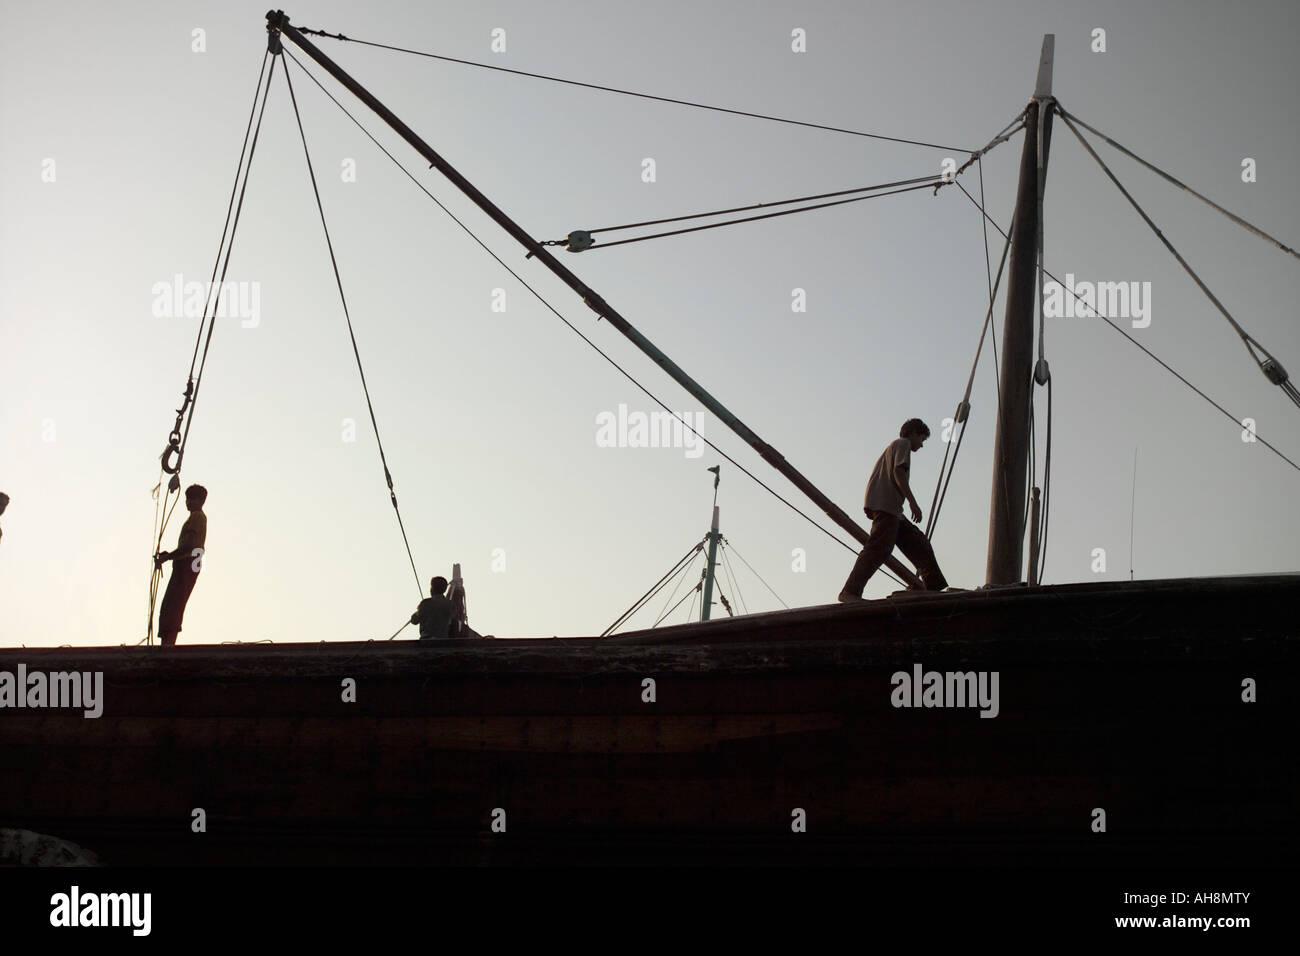 Las siluetas de los hombres en el barco, Sharjah Foto de stock